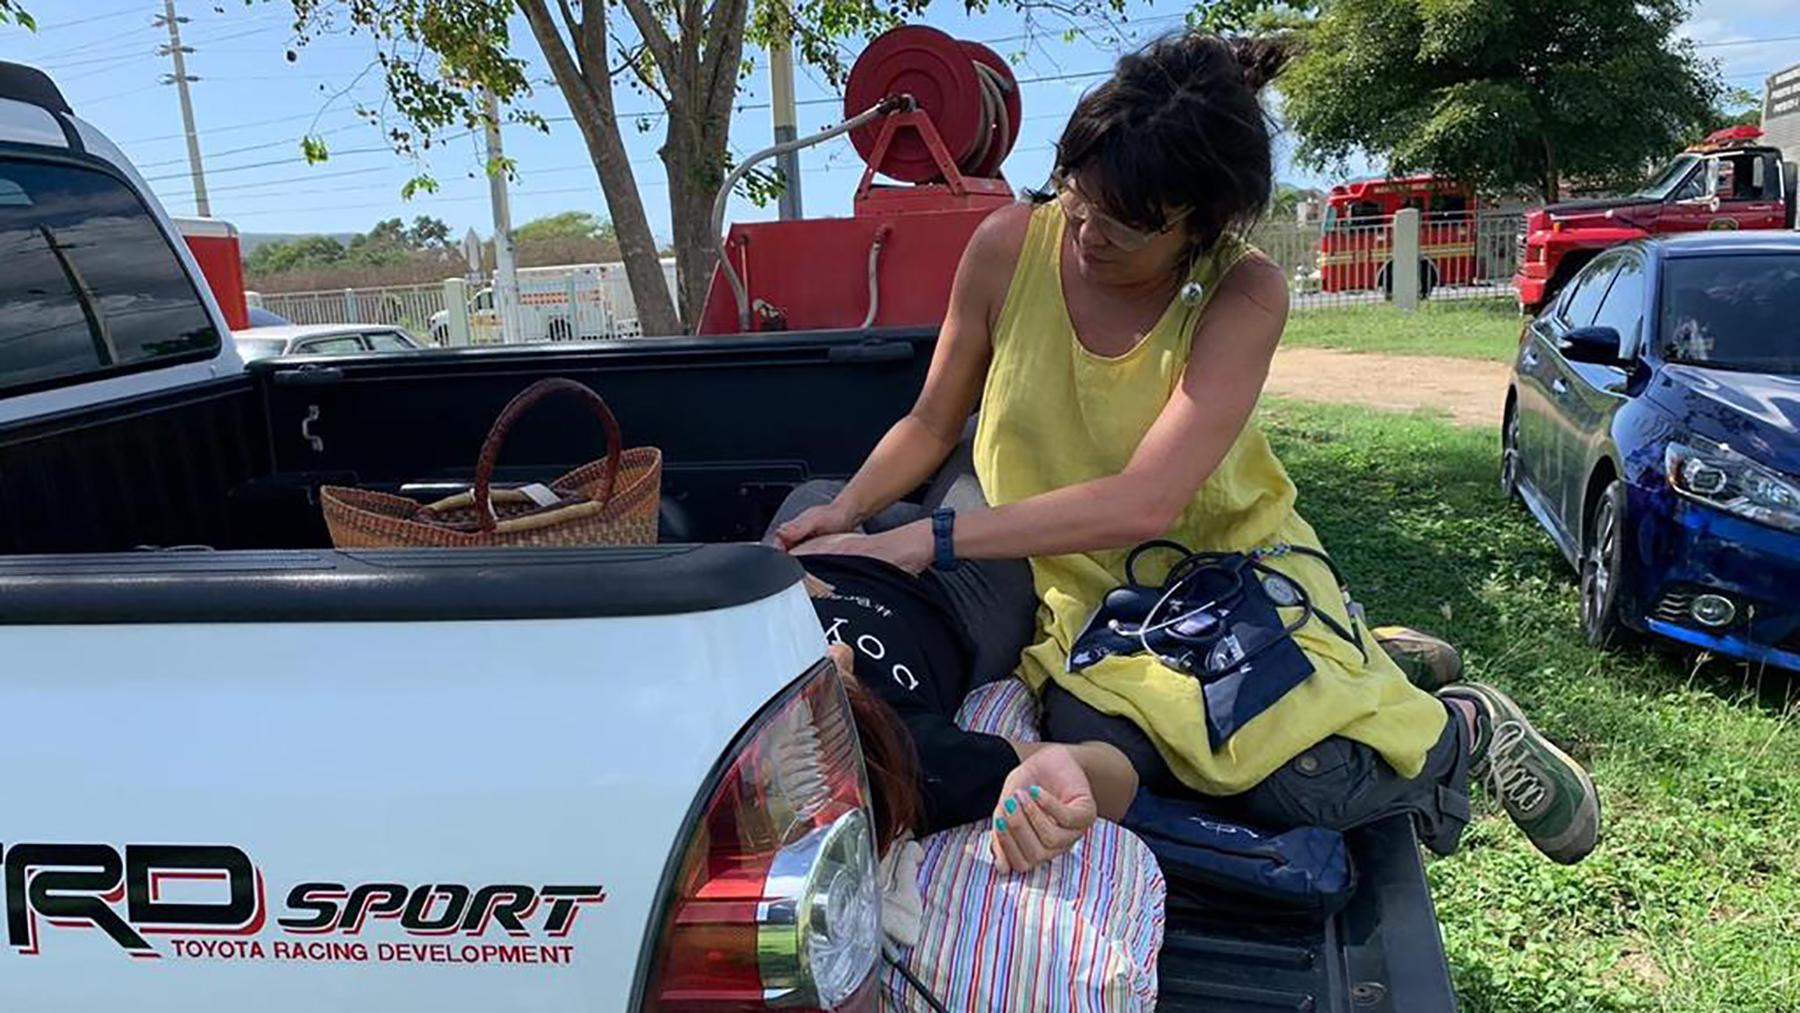 La partera Rebecca García Ortiz examina a un paciente en su camioneta después de un terremoto. (Foto cortesía de Rebecca García Ortiz)